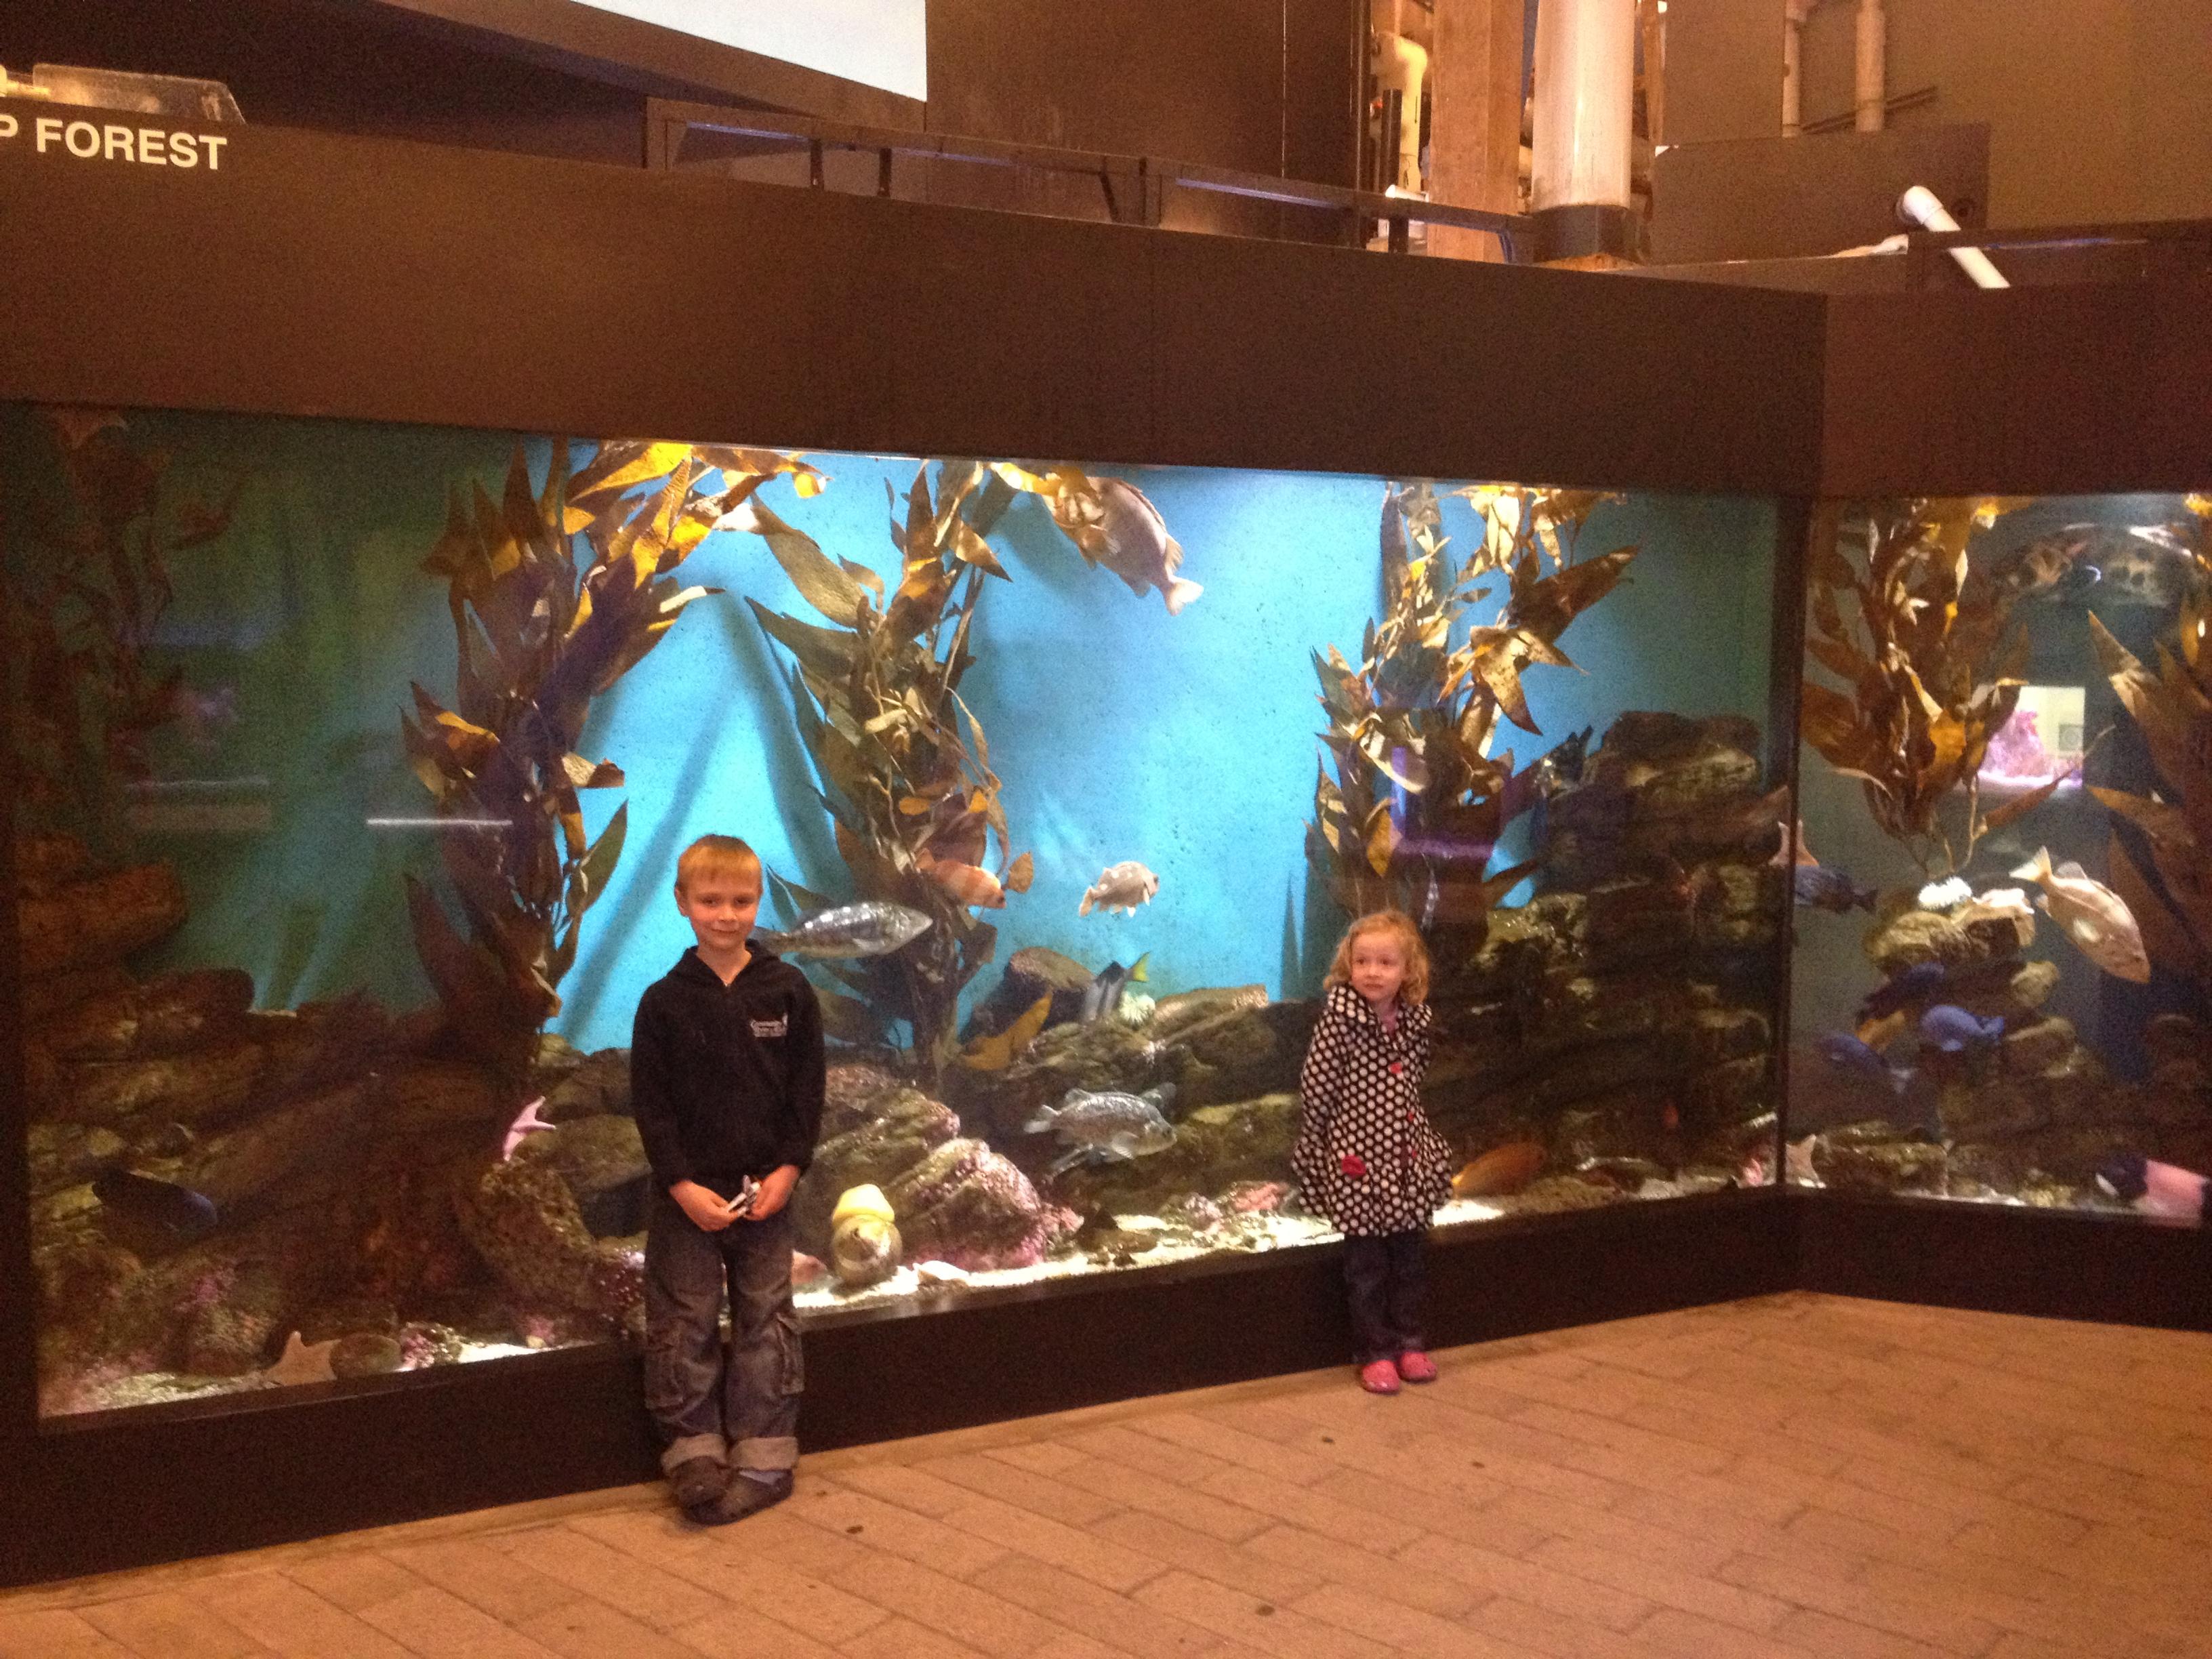 A Visit To The Cabrillo Marine Aquarium In San Pedro